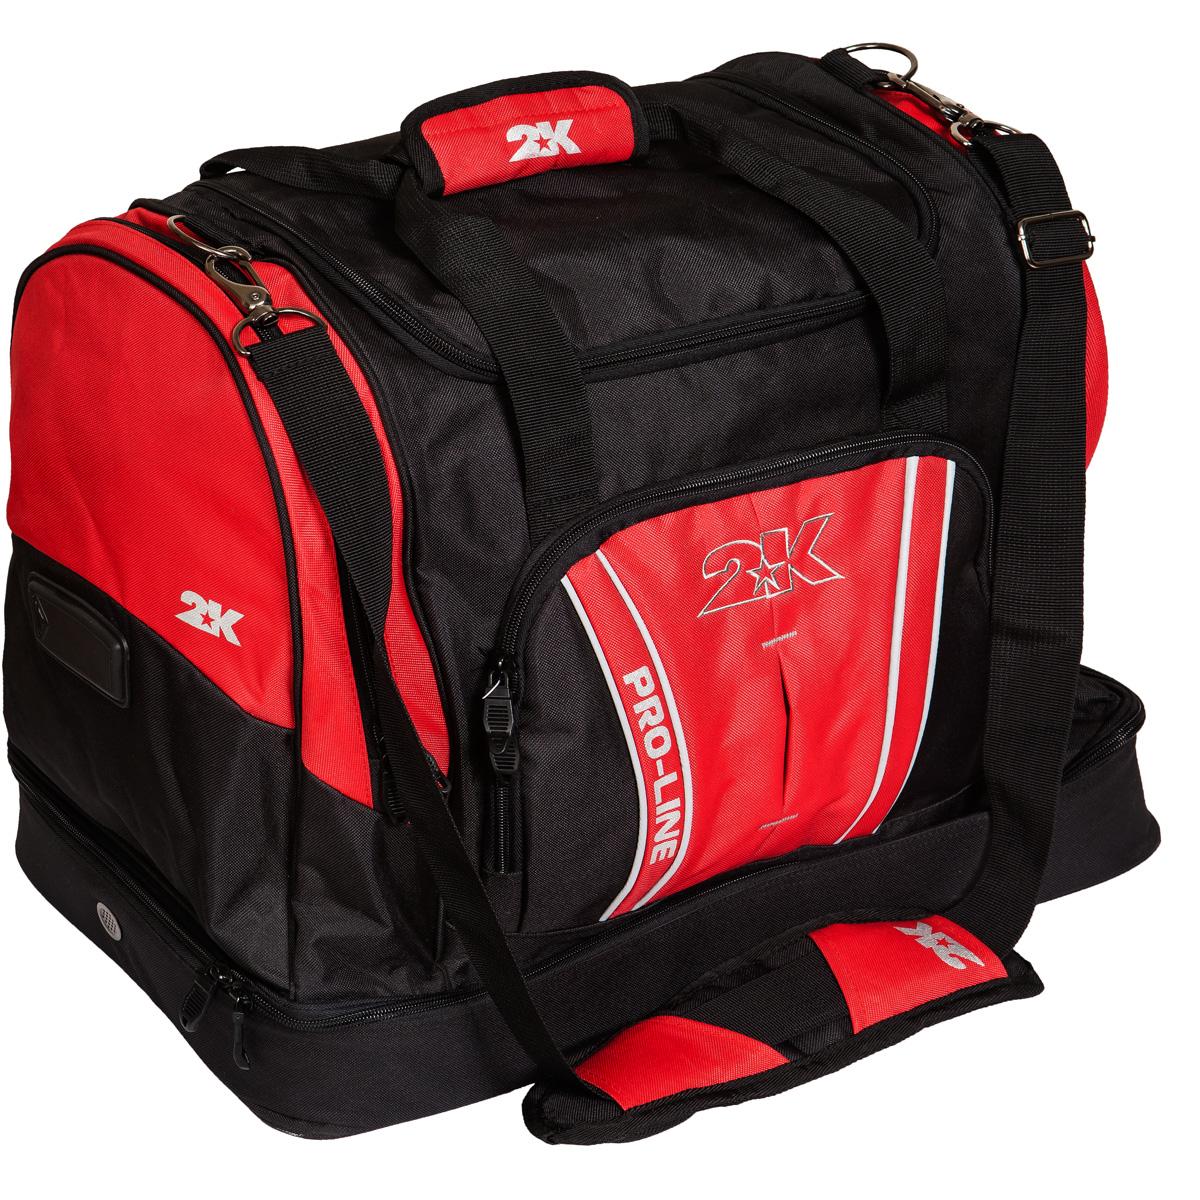 Сумка спортивная 2K Sport Tampa, цвет: черный, красный. 1281241125040Спортивная сумка с двойным дном для обуви 2K Sport Tampa. Можно переносить в руке и на плече. Размер: 50х30х43 см. (ДхШхВ). Отстегивающийся ремень.